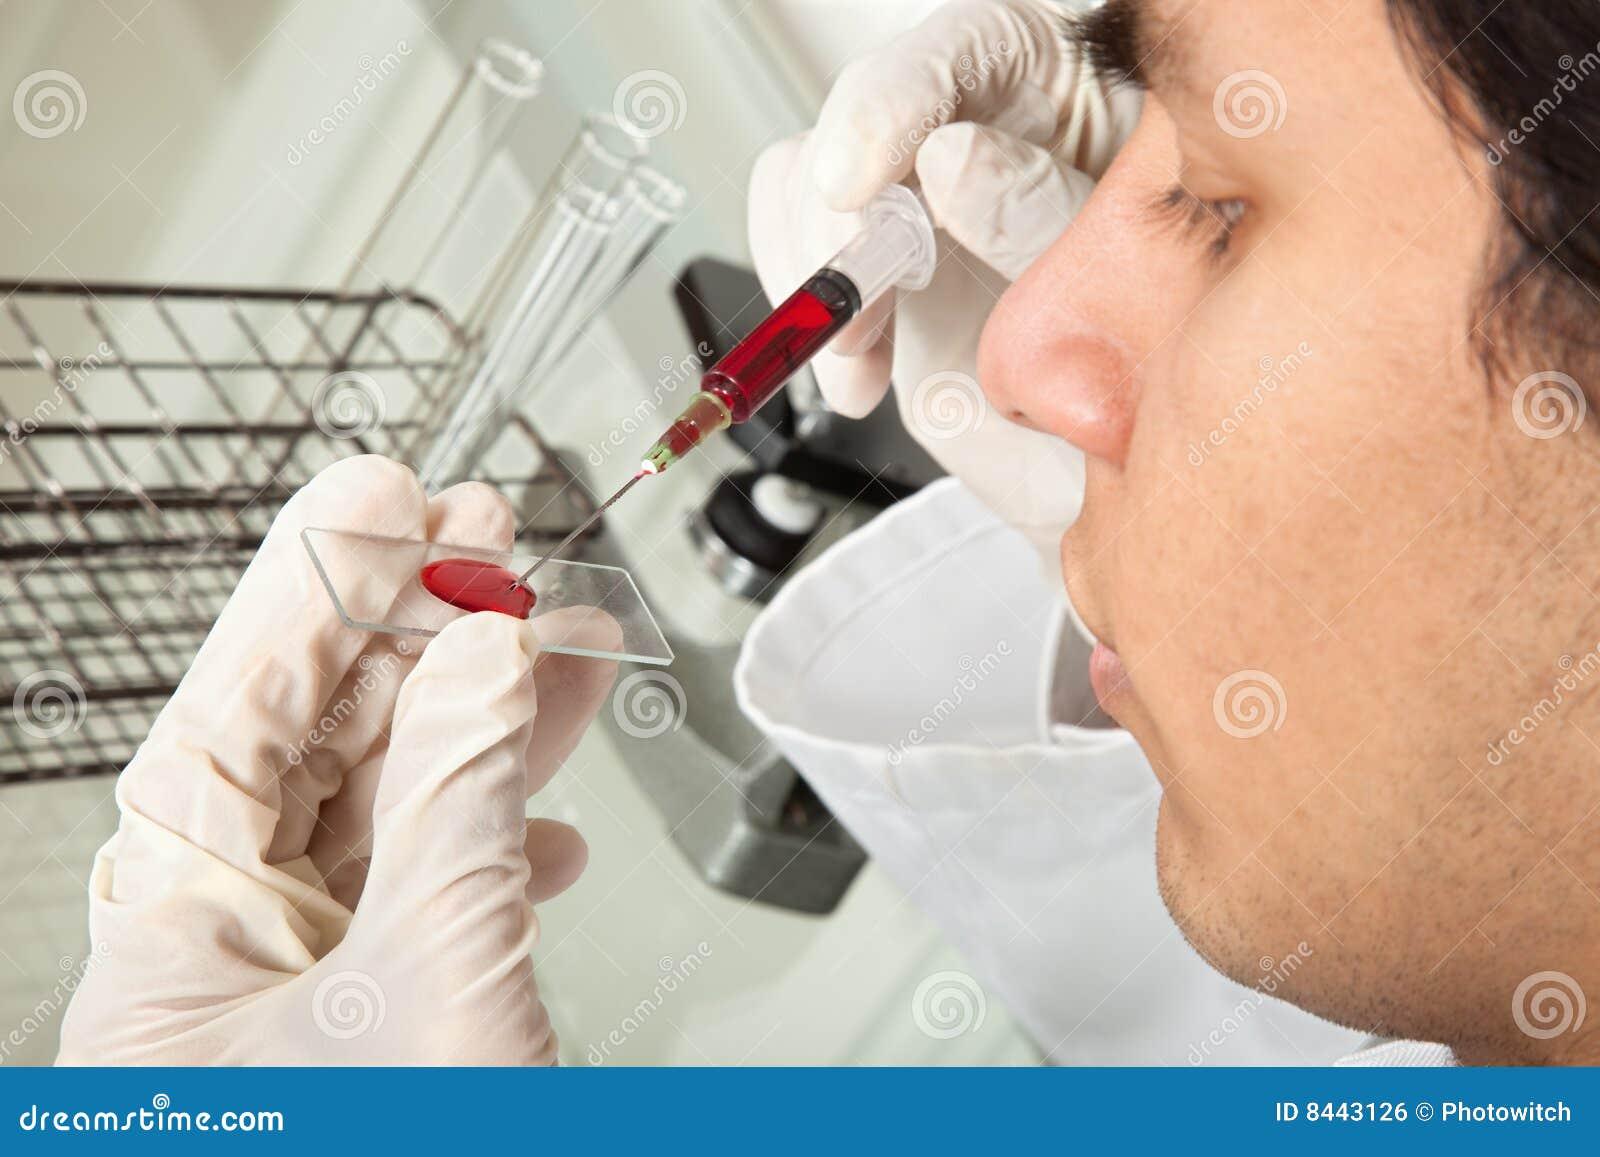 Testing blood